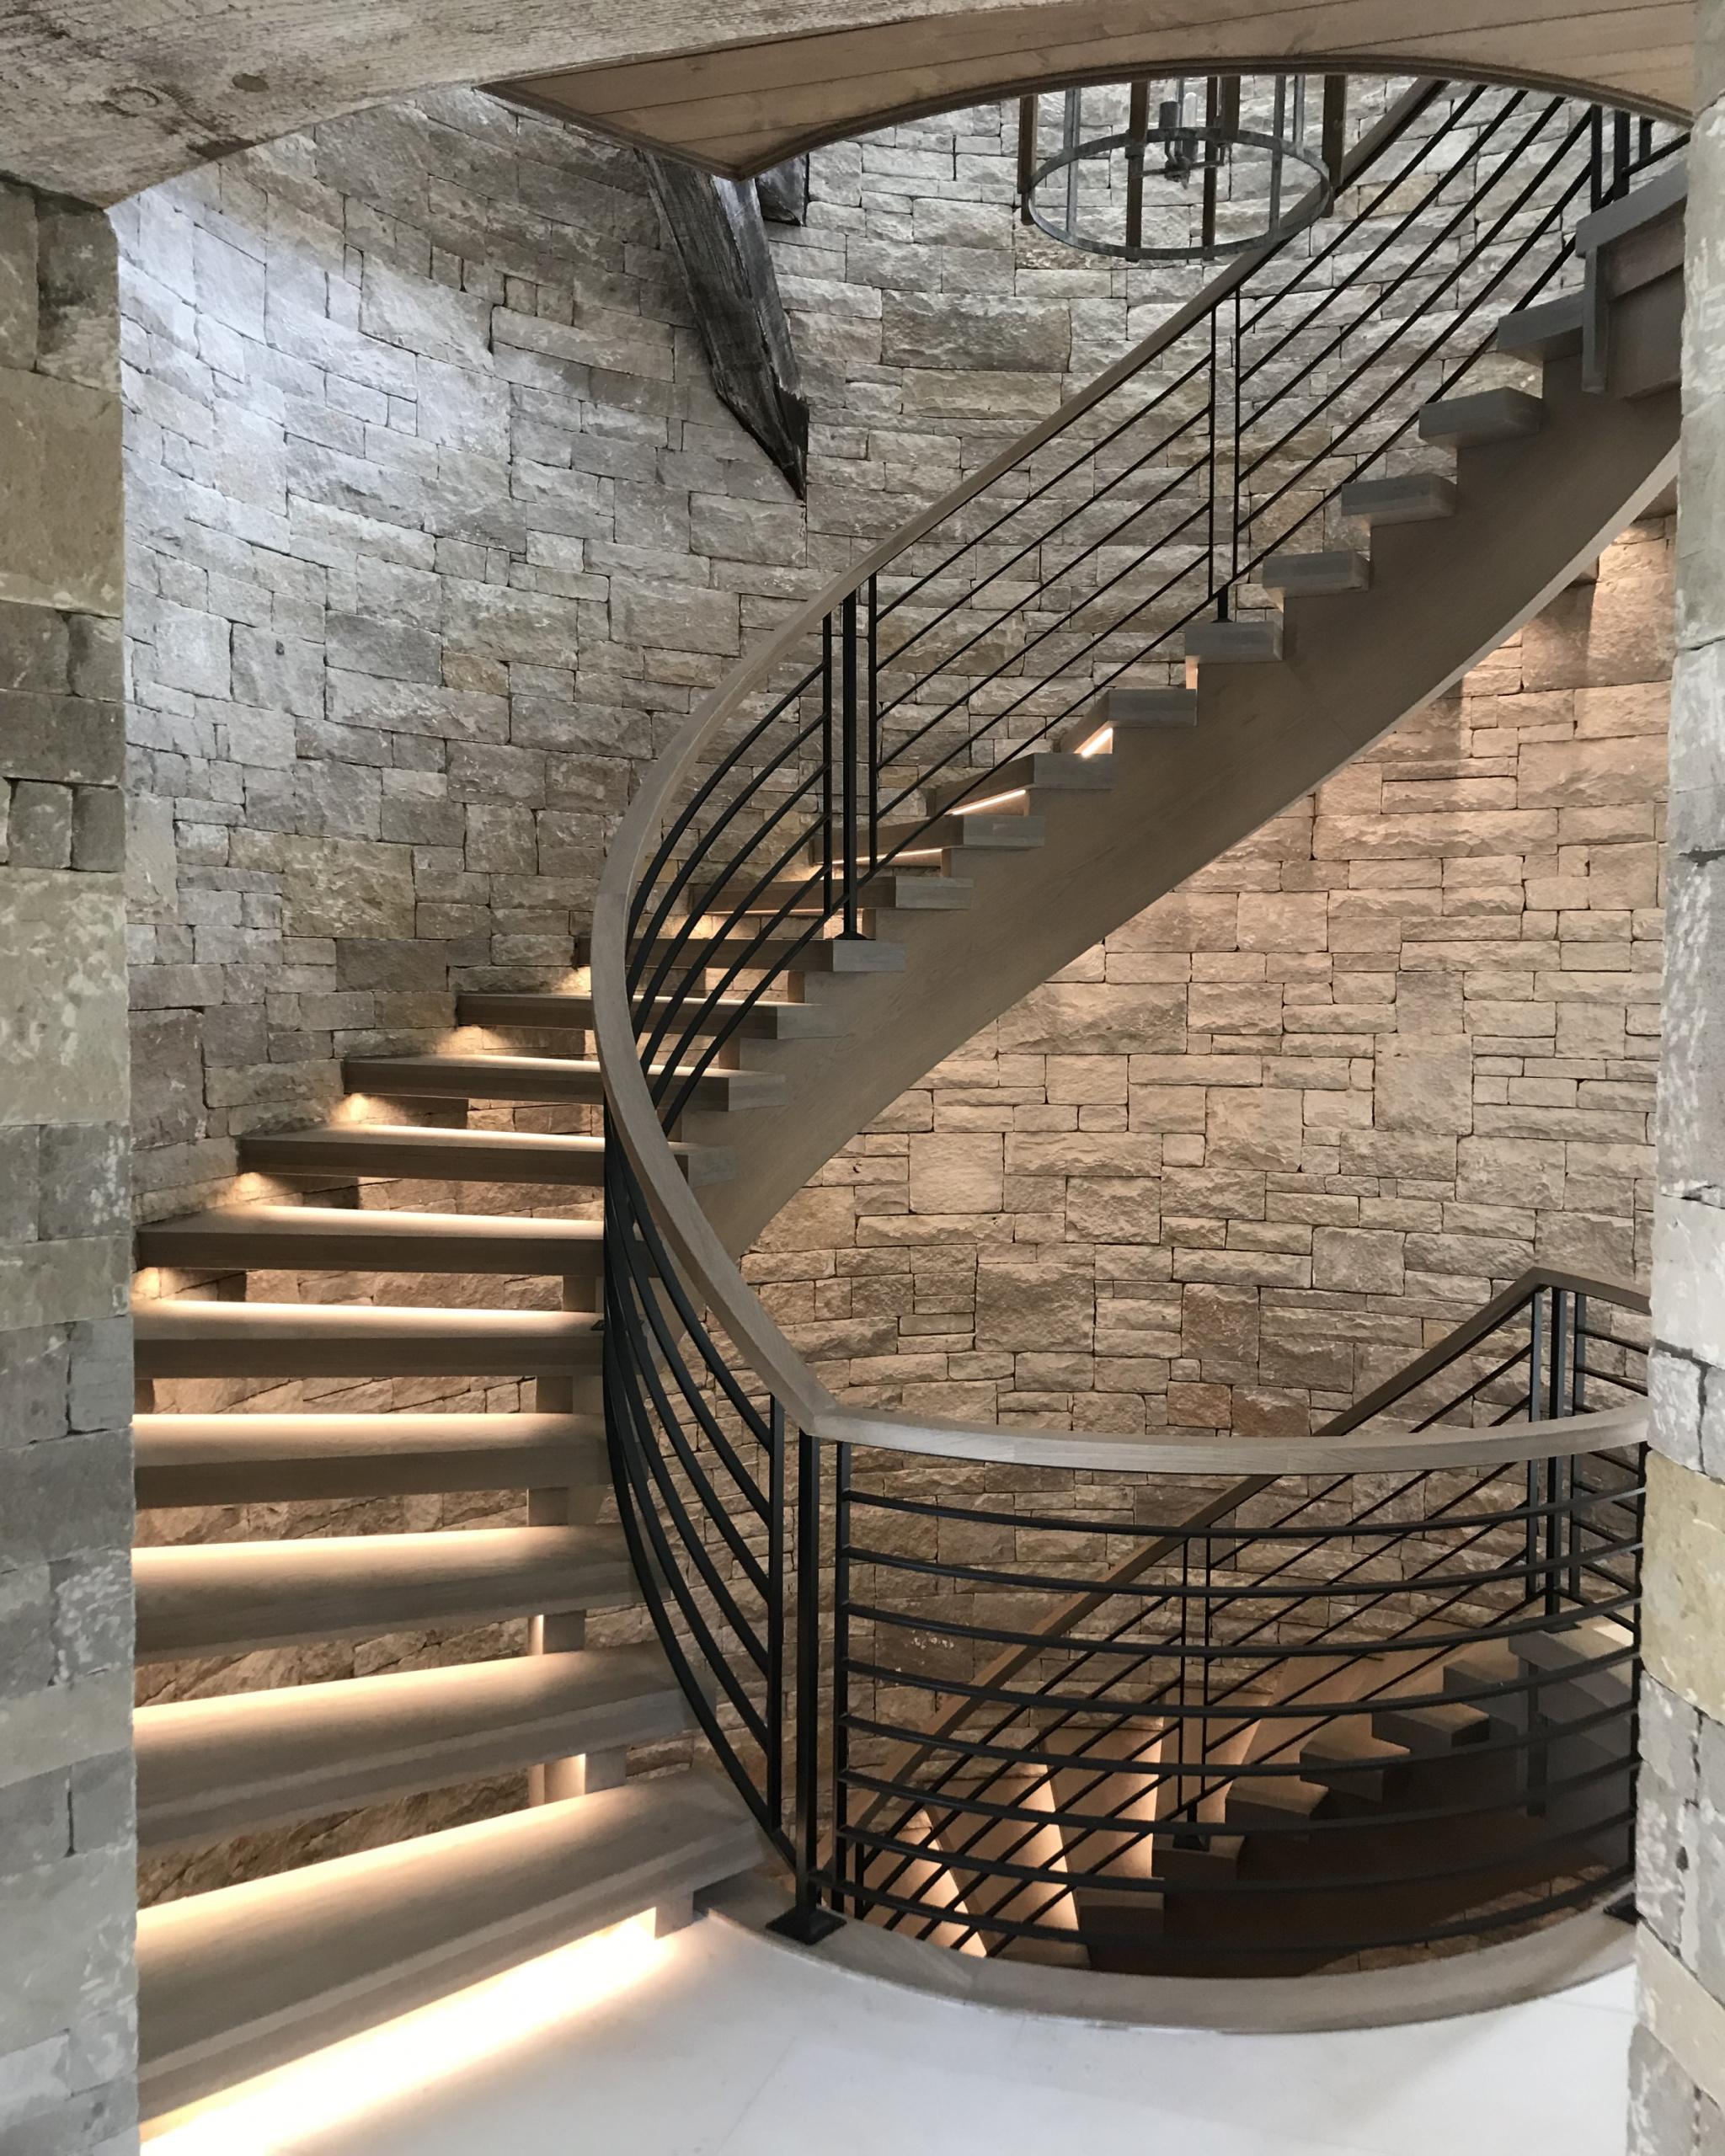 09 - Best Curved Stairway-Modern